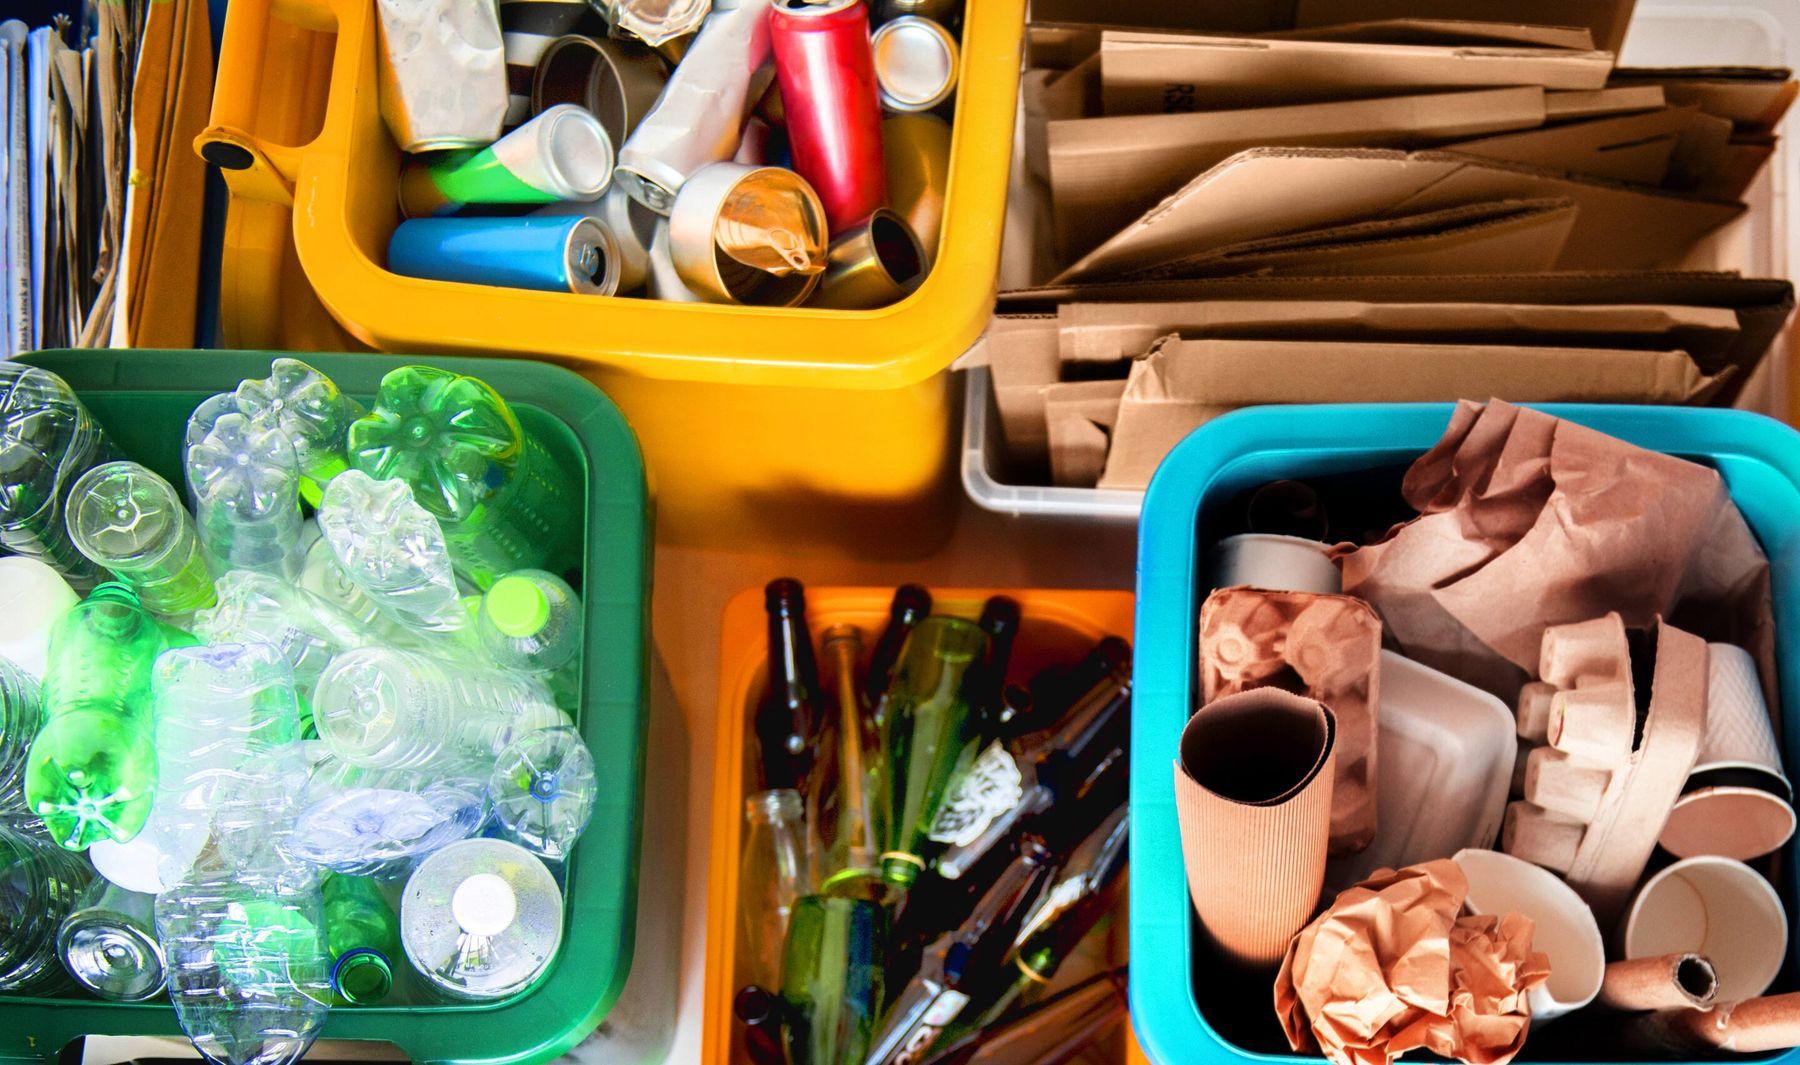 Phân loại chai nhựa, chai thủy tinh, lon đồ hộp, giấy vụn để đem đi tái chế